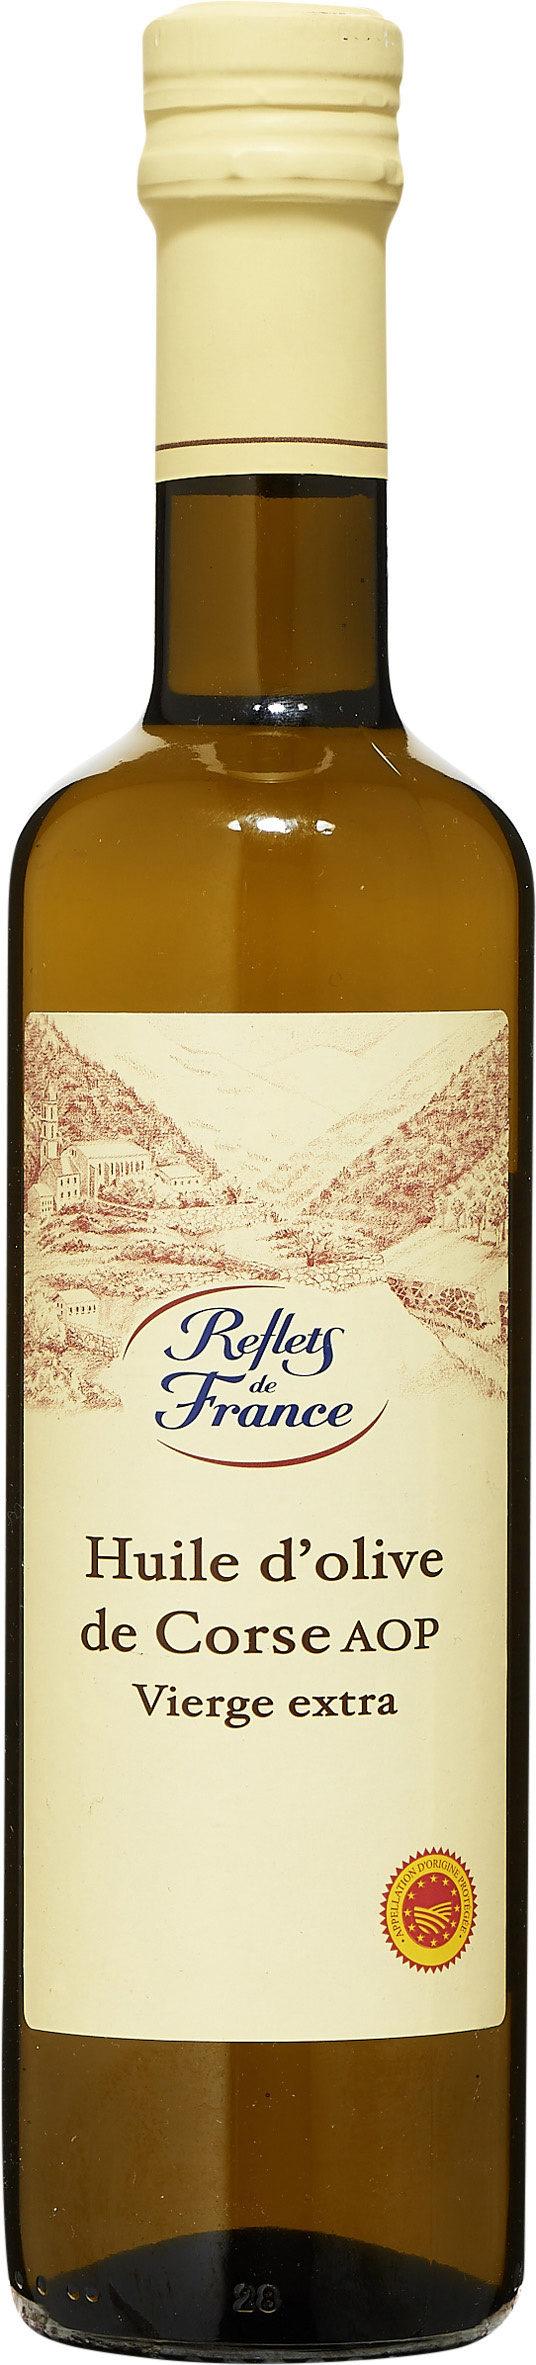 Huile d' olive de Provence AOC - Produit - fr